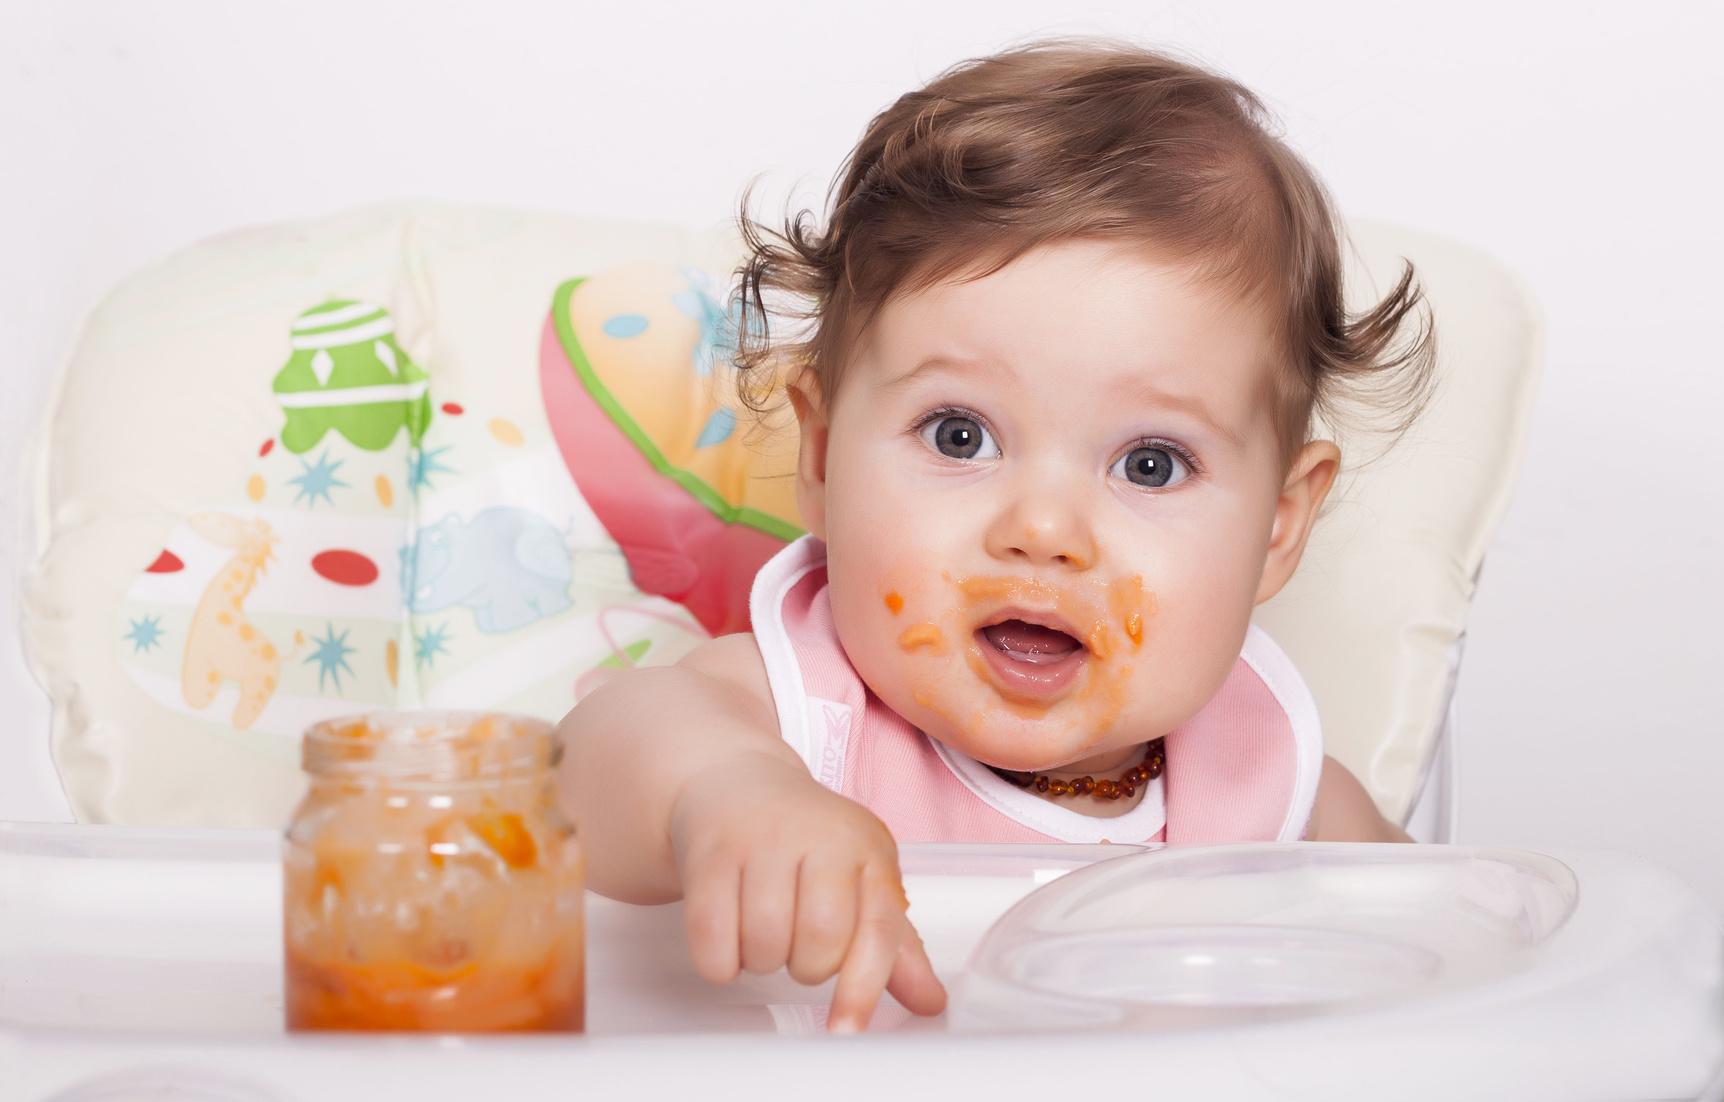 Baby im Kindersitz, mit großen Augen und geöffnetem Mund, der mit Brei verschmiert ist.